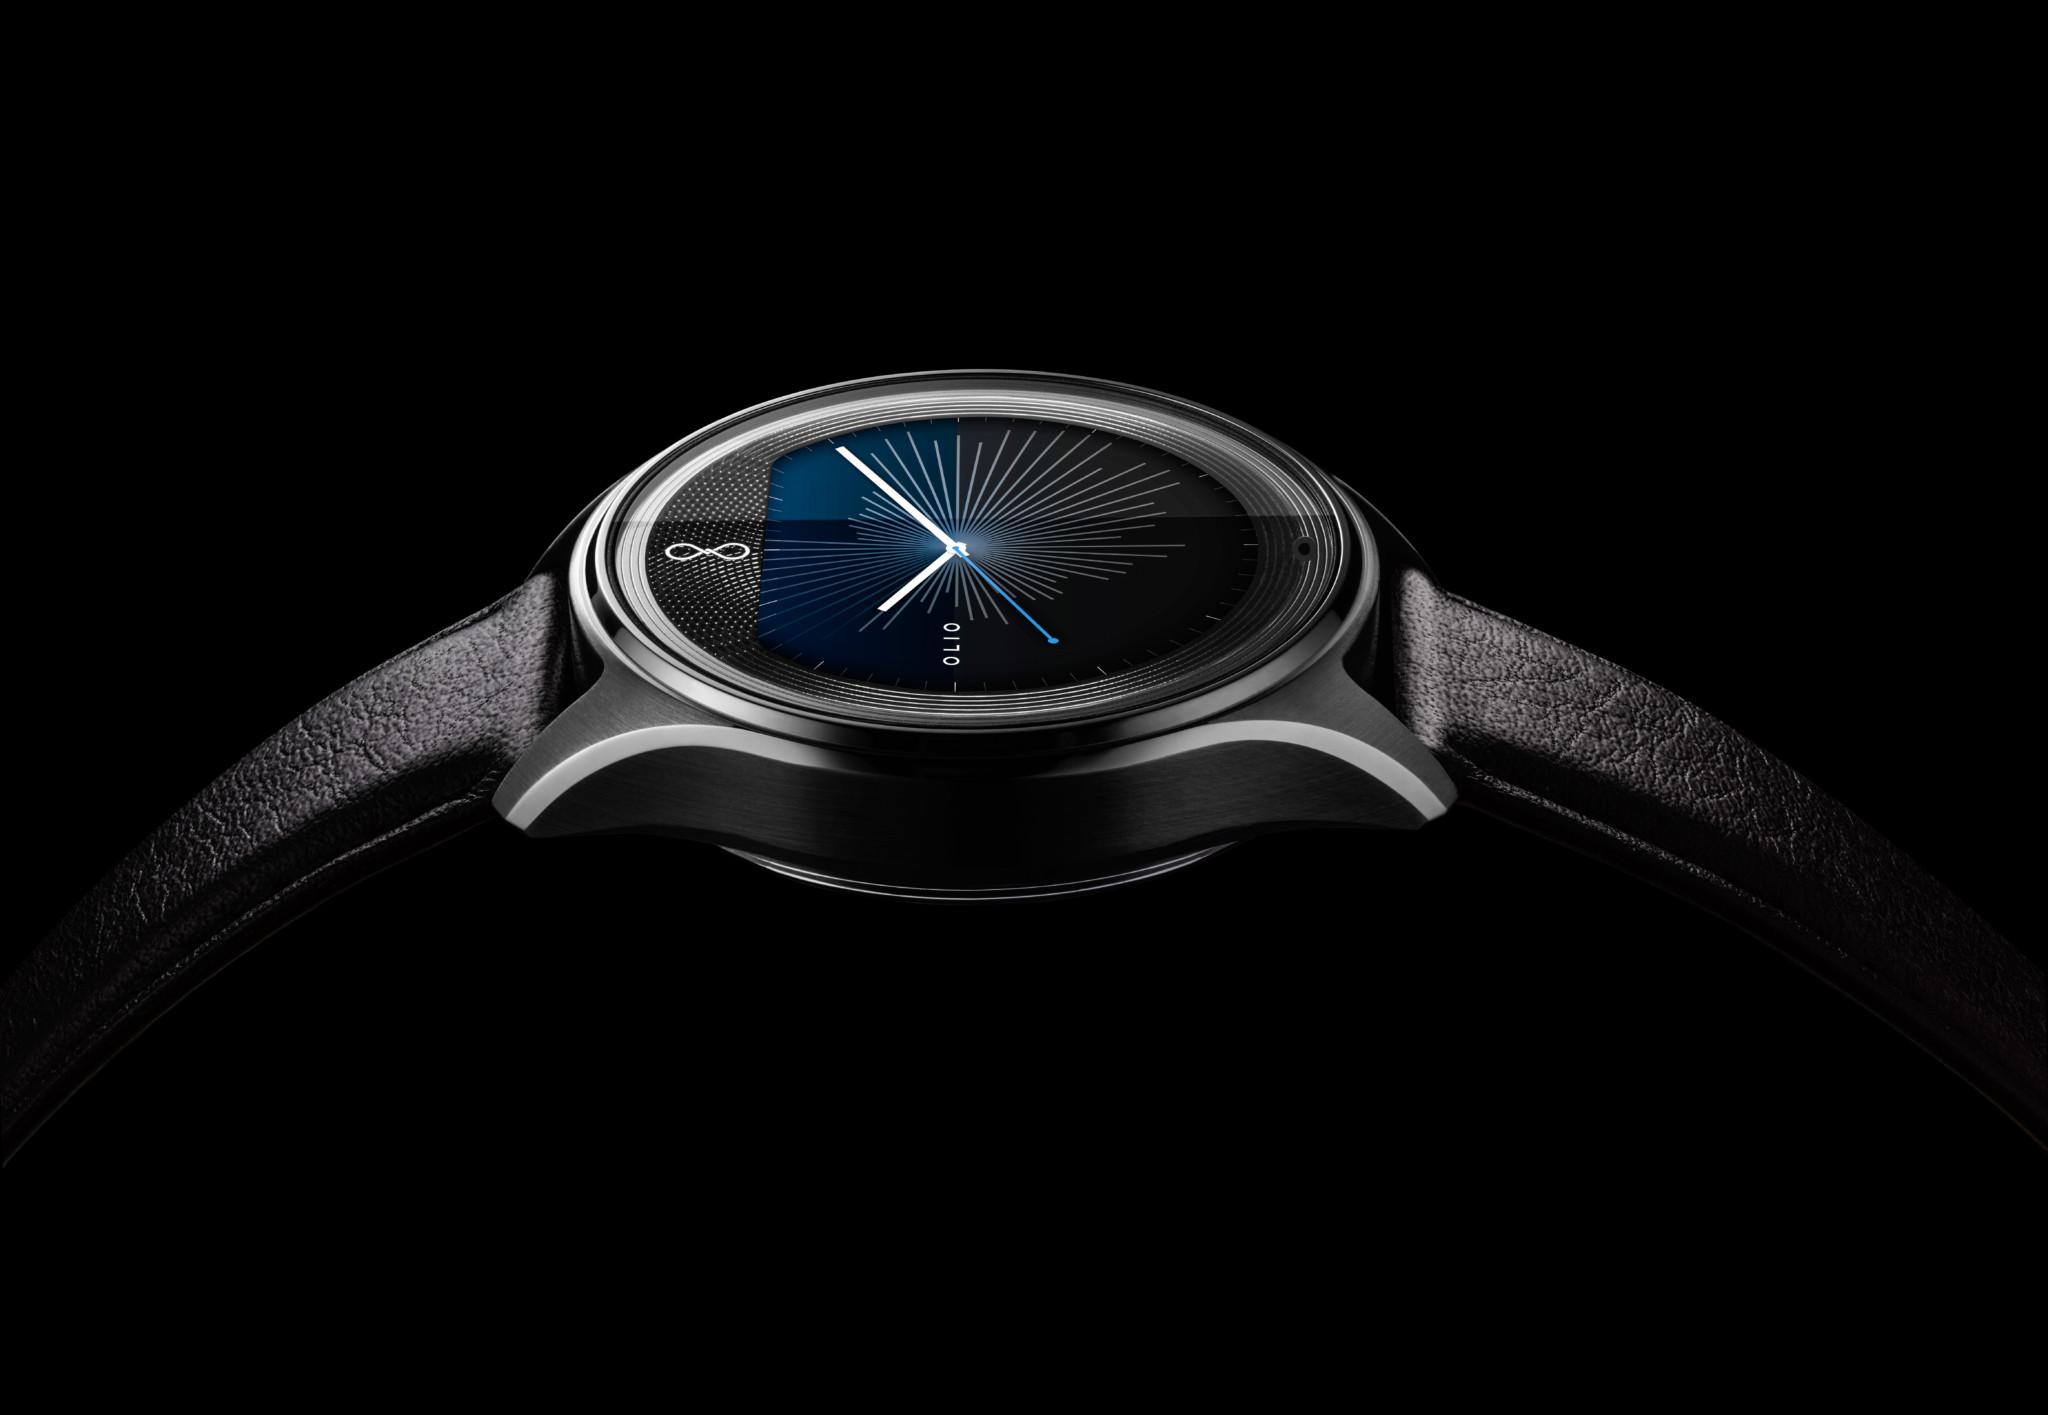 Chytré hodinky Model One od společnosti Olio